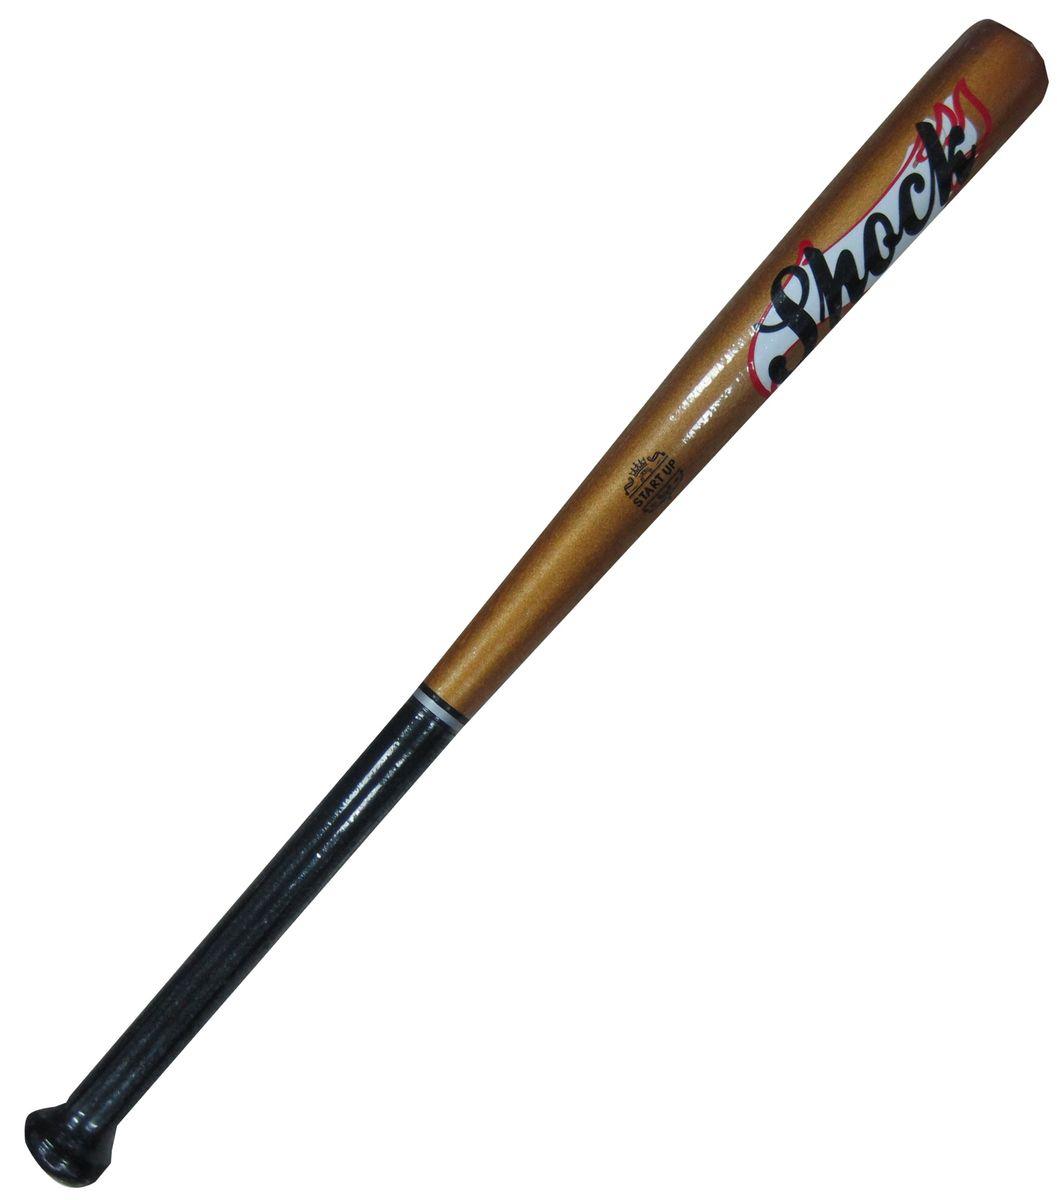 Бита бейсбольная Start UP R Shock, цвет: золото, 26120330_white/royalБейсбольная бита Start Up выполнена из каучукового дерева, а это значит, что она невероятно прочная и плотная. Размер - 26 (66 см).